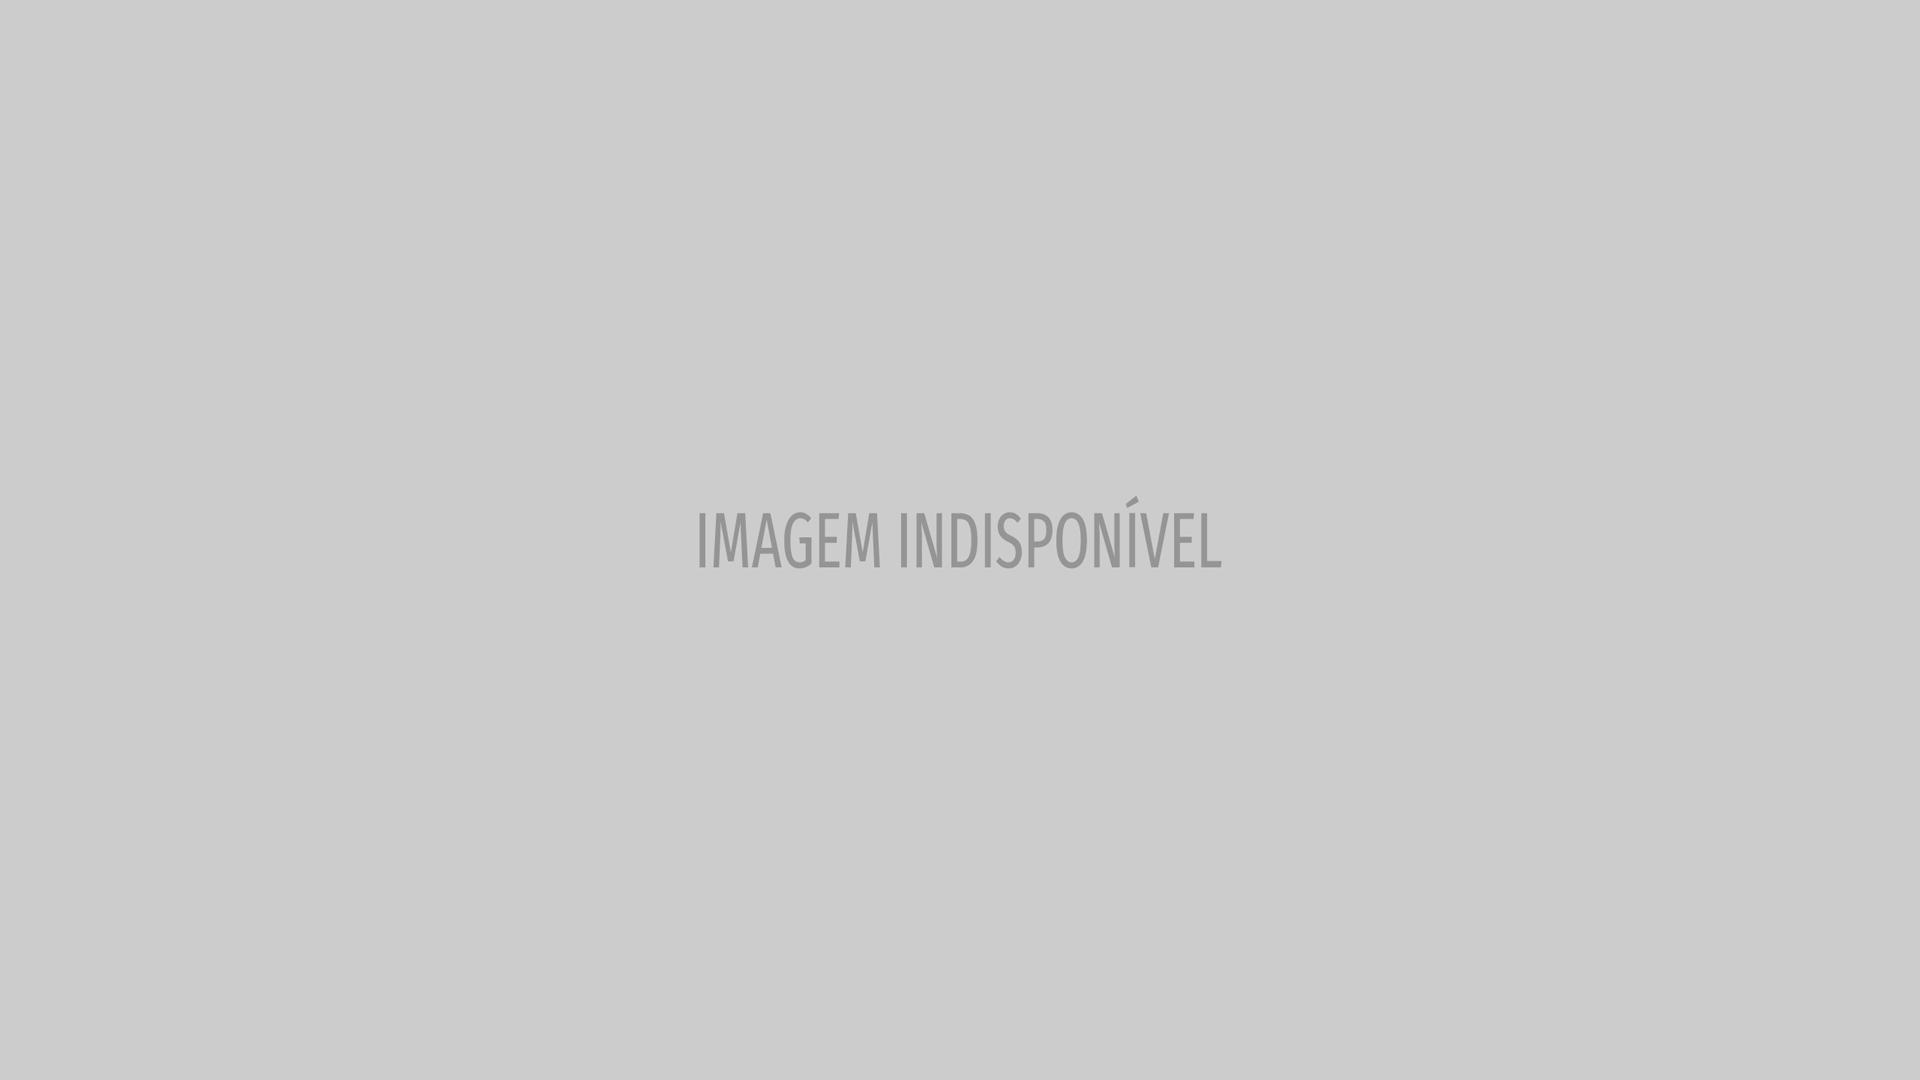 Comparada a Angelina, modelo plus size mostra curvas sem retoque